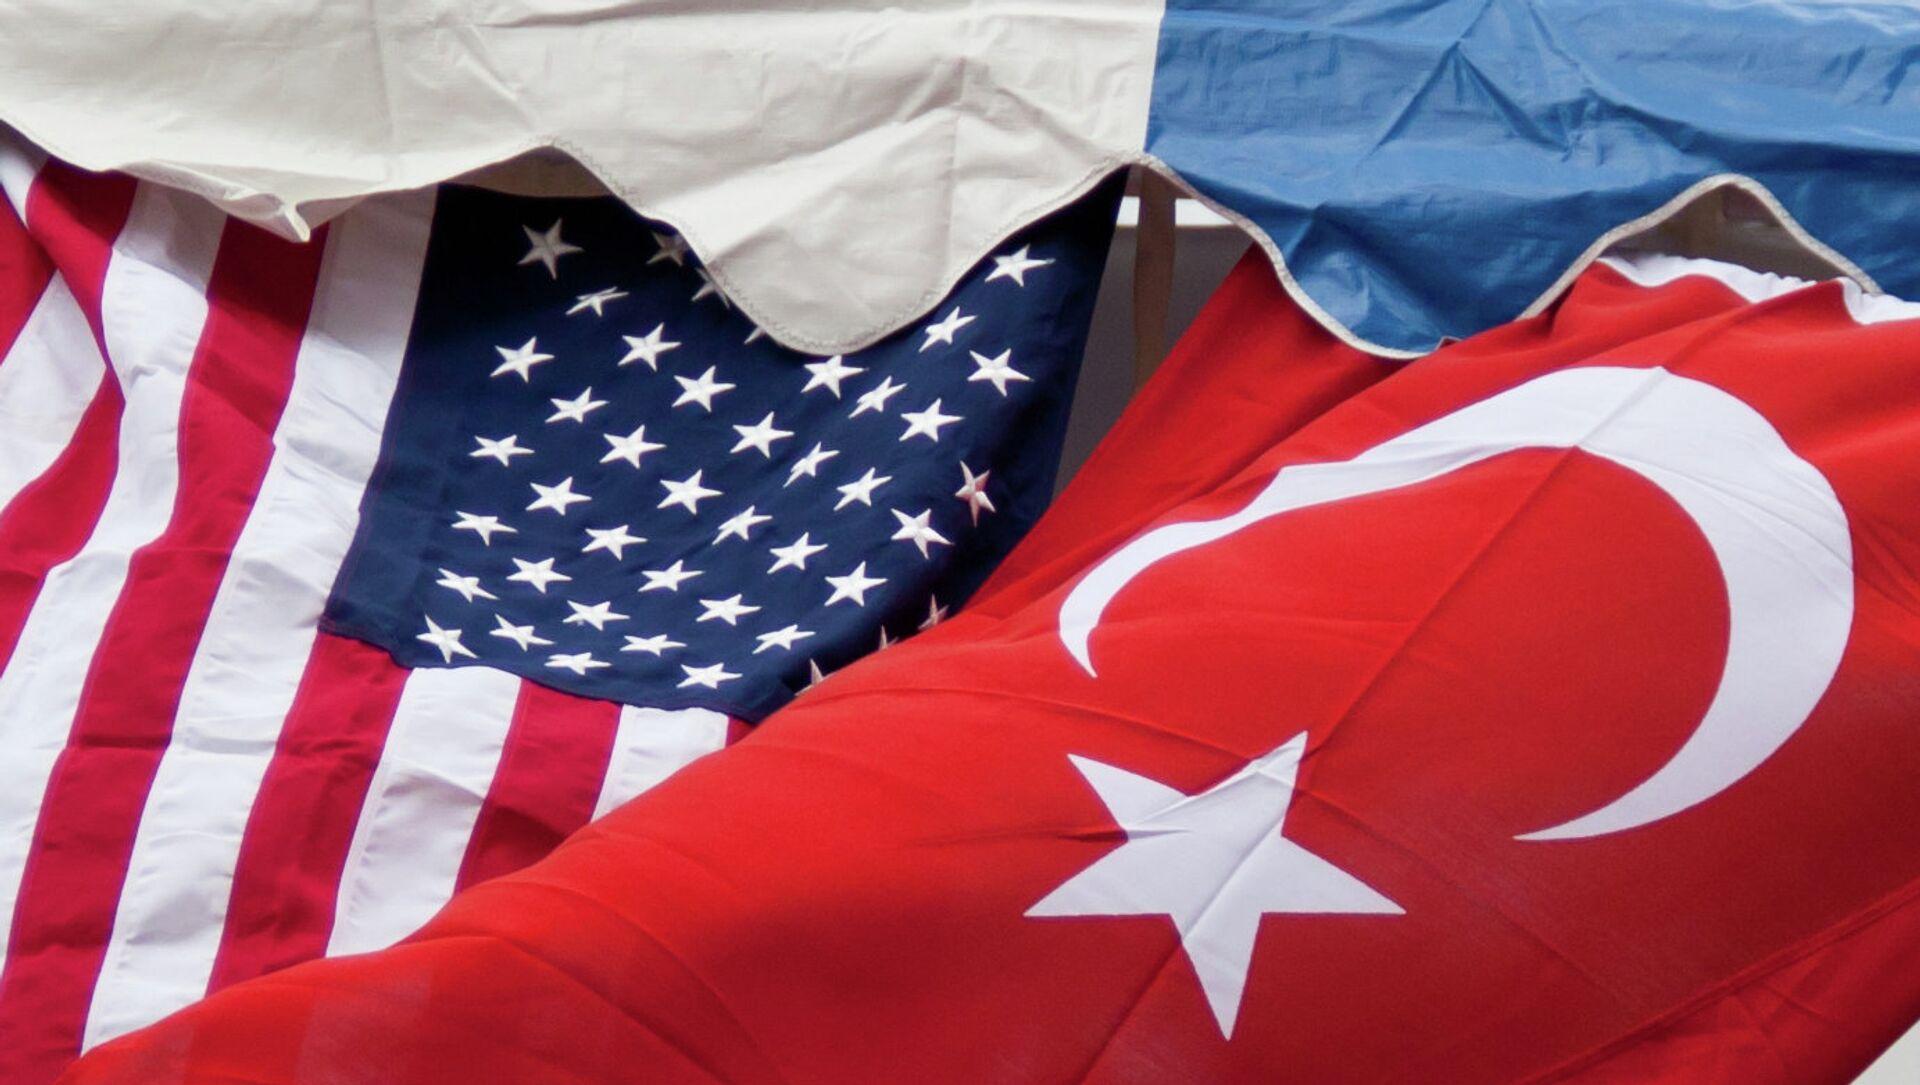 Le bandiere degli USA e della Turchia - Sputnik Italia, 1920, 15.02.2021